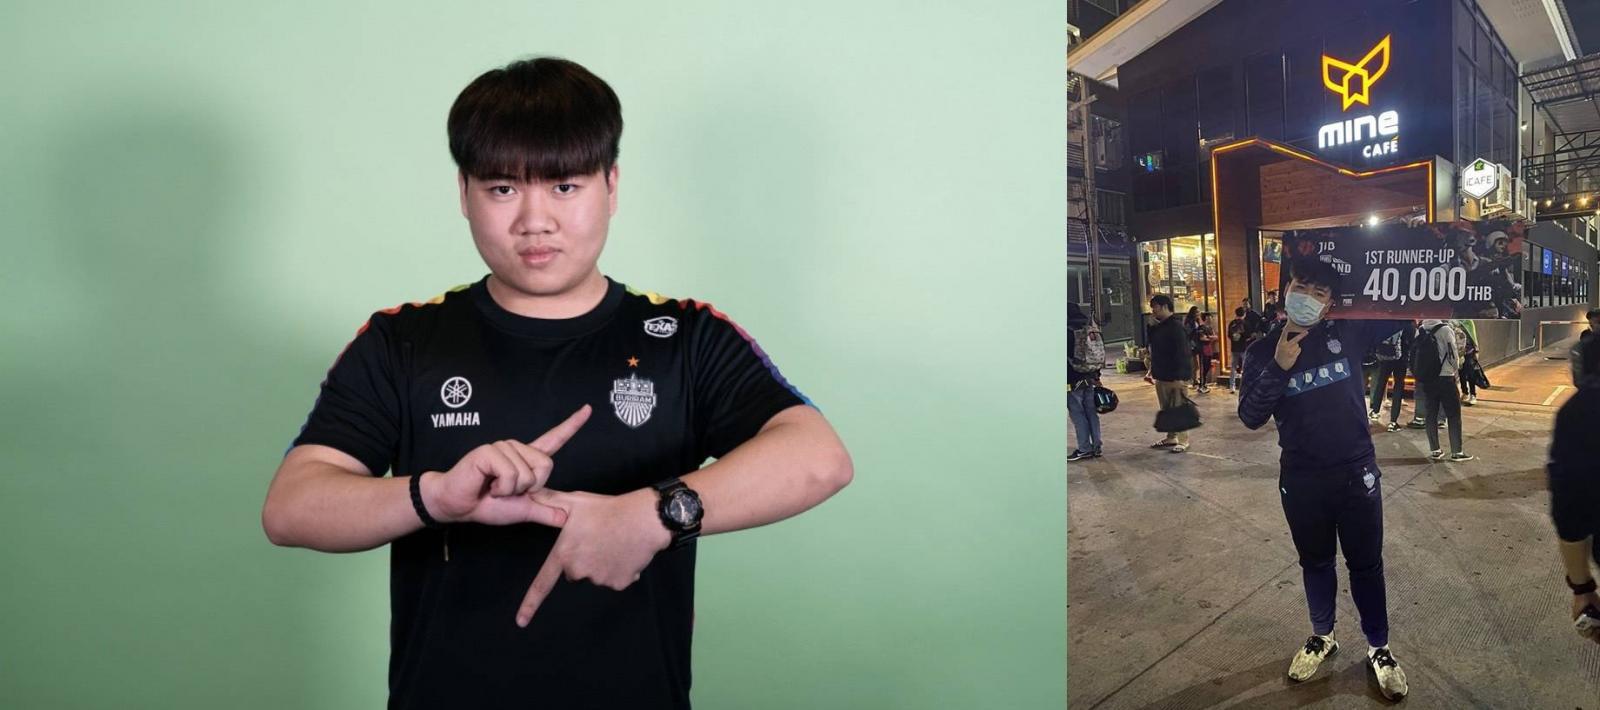 เด็กหอการค้า นักกีฬาอีสปอร์ตเบอร์ต้นของไทย เรียนรู้จากคำว่าแพ้ สู่ความสำเร็จ